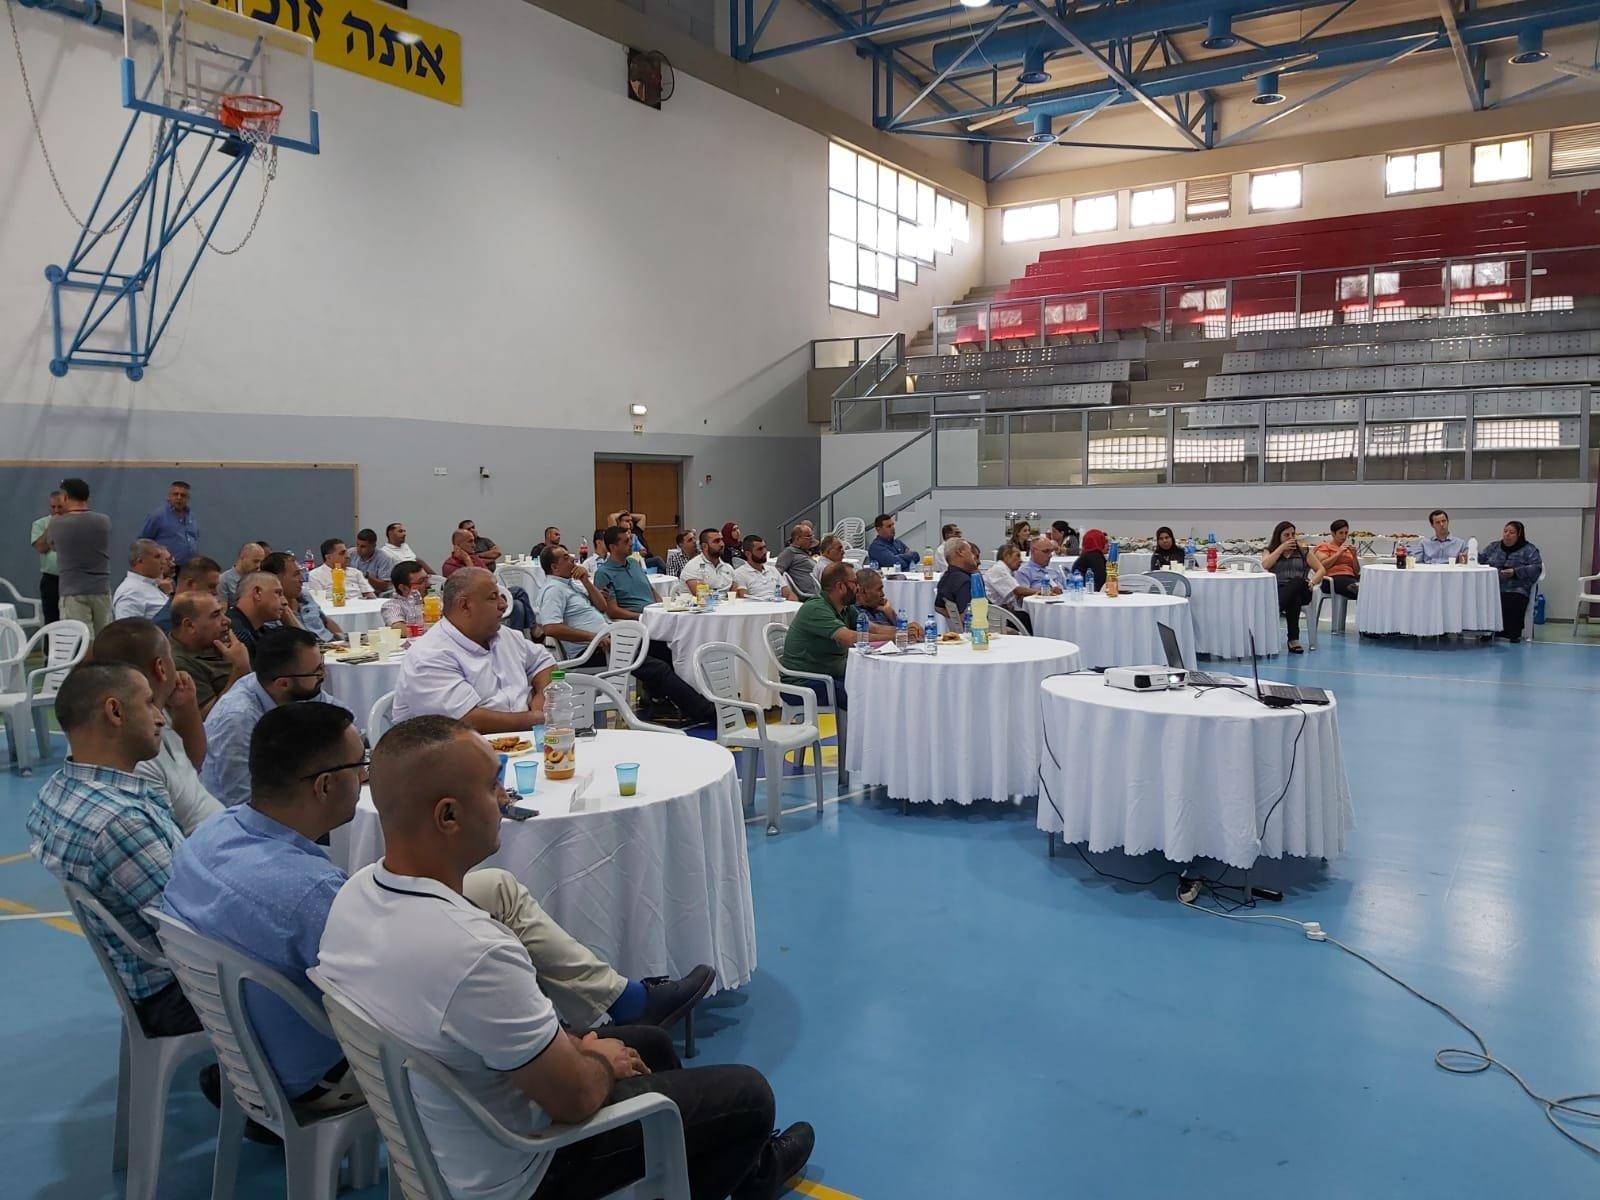 قريبًا: إقامة منتدى الأعمال الأوّل في كفر كنا بمبادرة وزارة الاقتصاد والصناعة